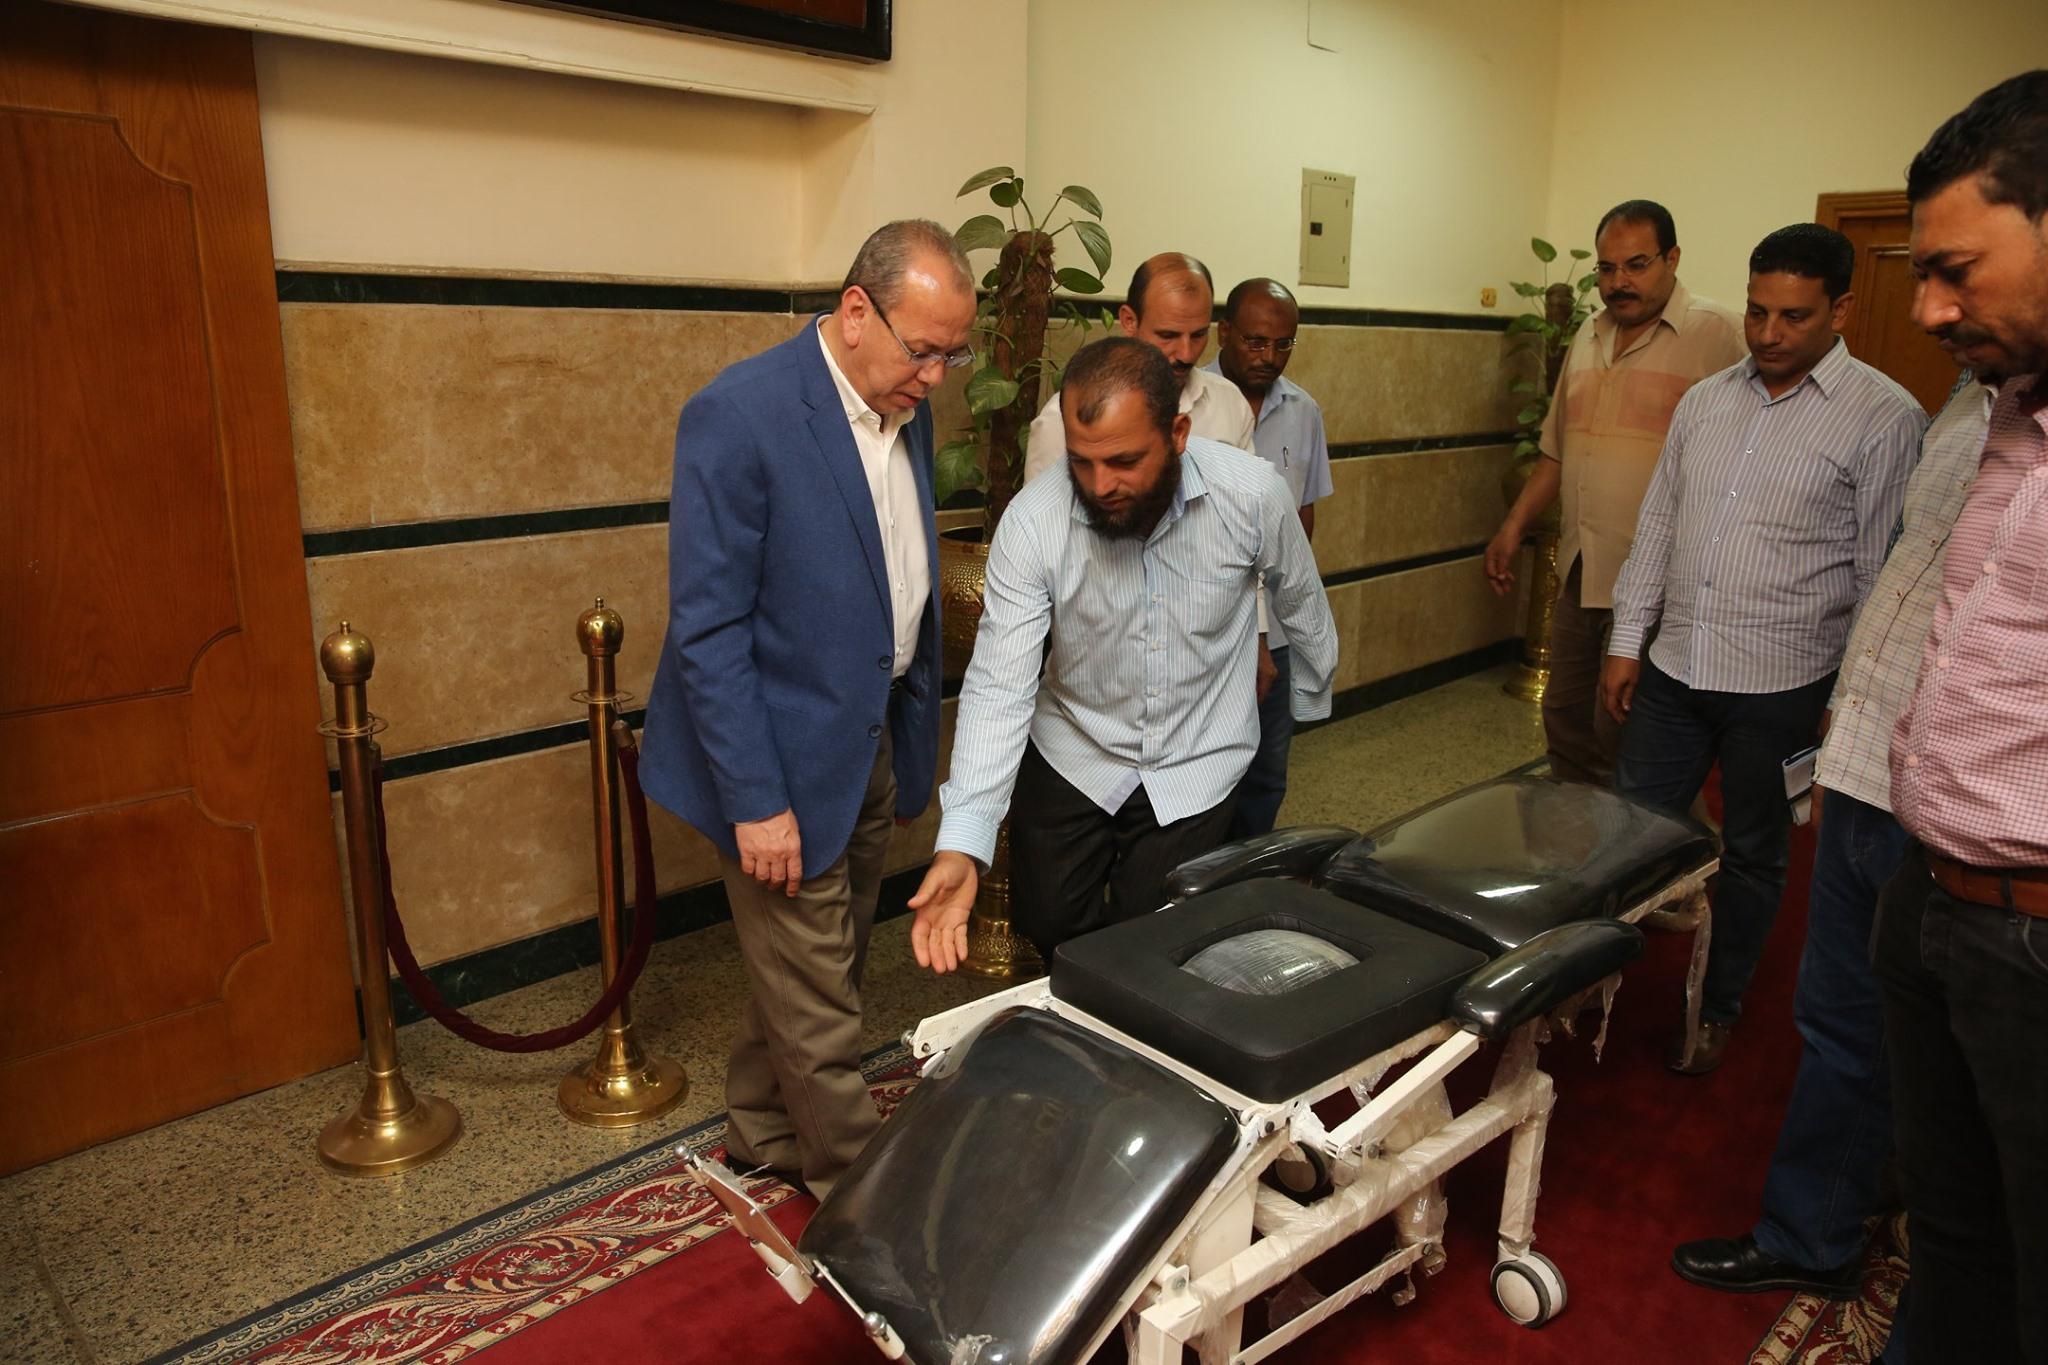 محافظ كفر الشيخ يكرم مخترع من ذوى الاحتياجات الخاصة لابتكاره كرسى طبى متحرك لنقل المرضى (1)